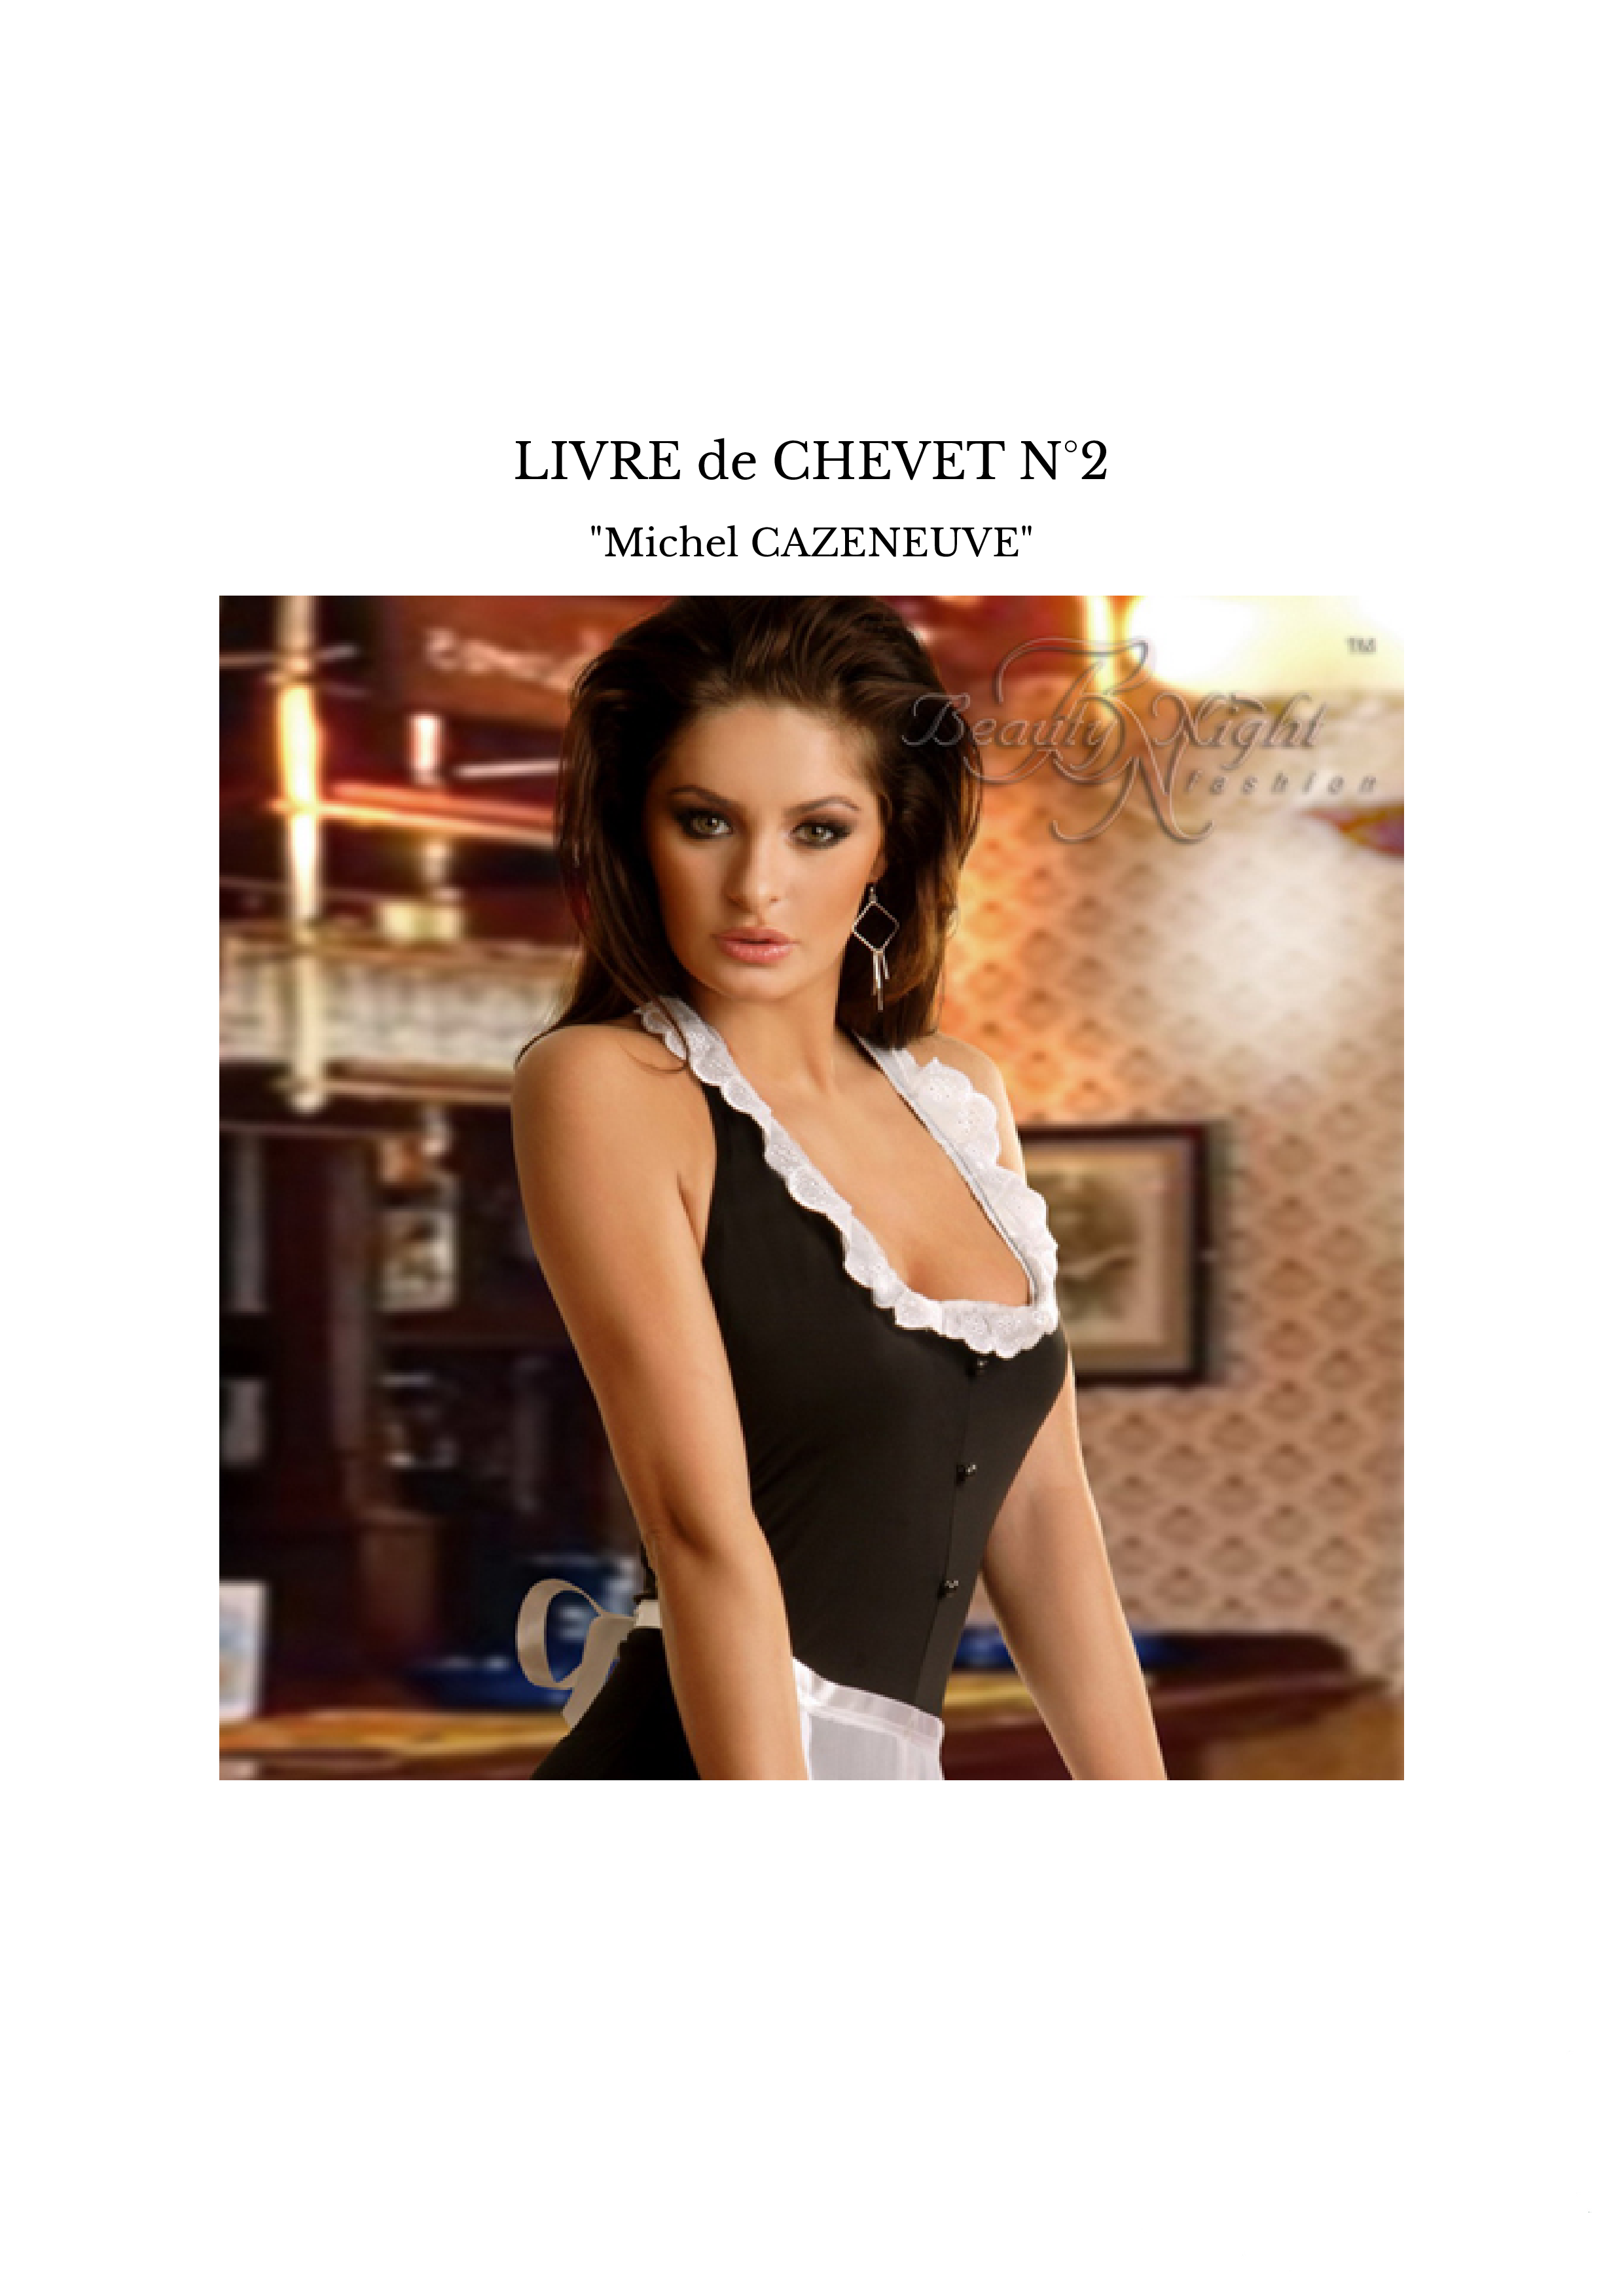 LIVRE de CHEVET N°2